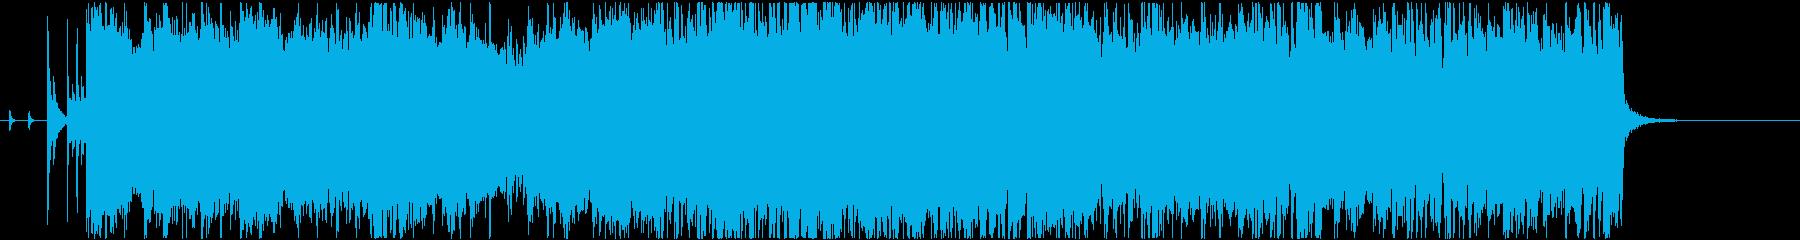 ハードロック/エレキギター/オープニングの再生済みの波形